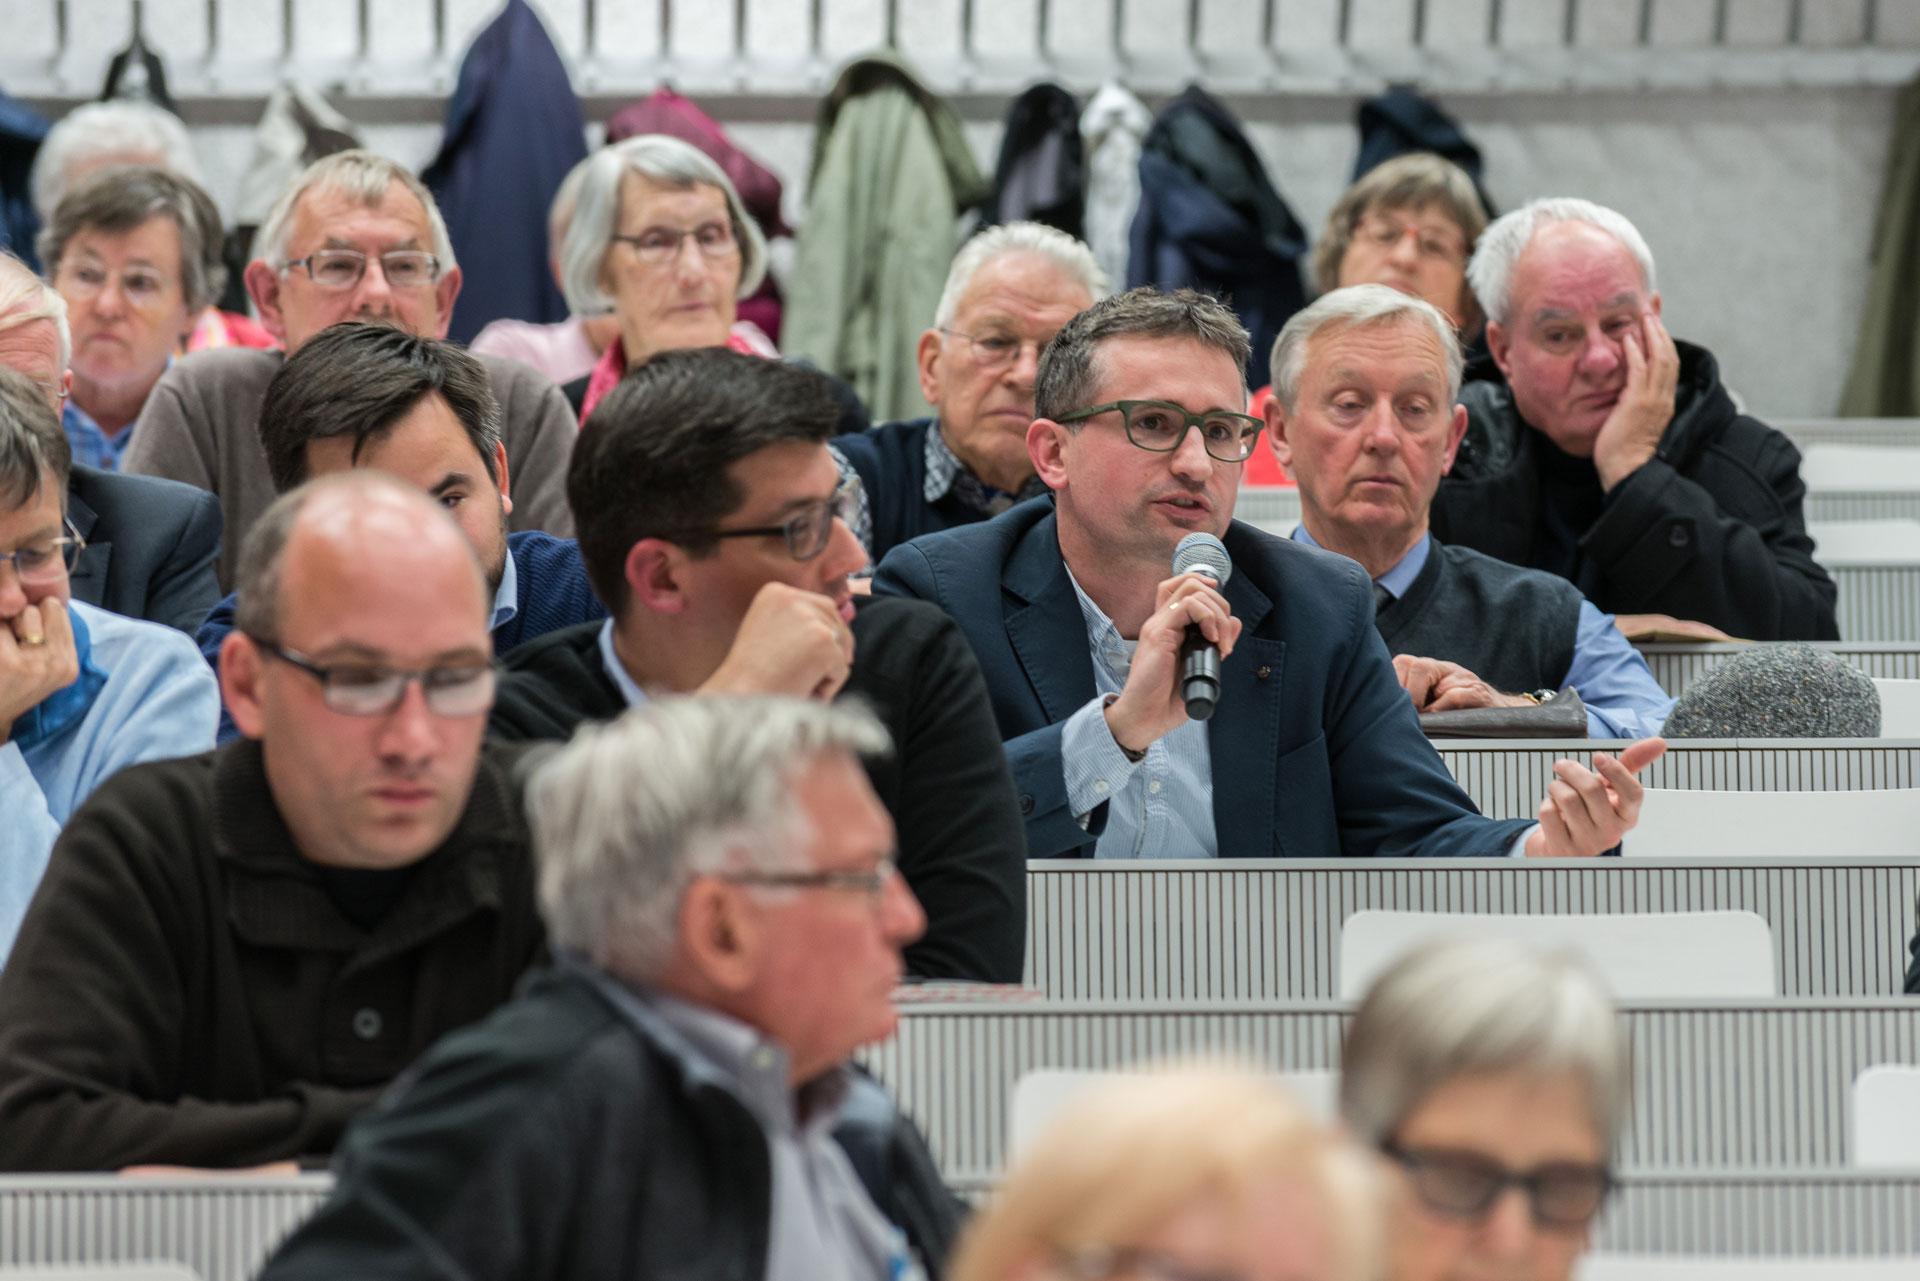 Der Vortrag von Robert Zollitsch stiess auf reges Interesse und gab zu Diskussionen Anlass. | © 2016 Roberto Conciatori